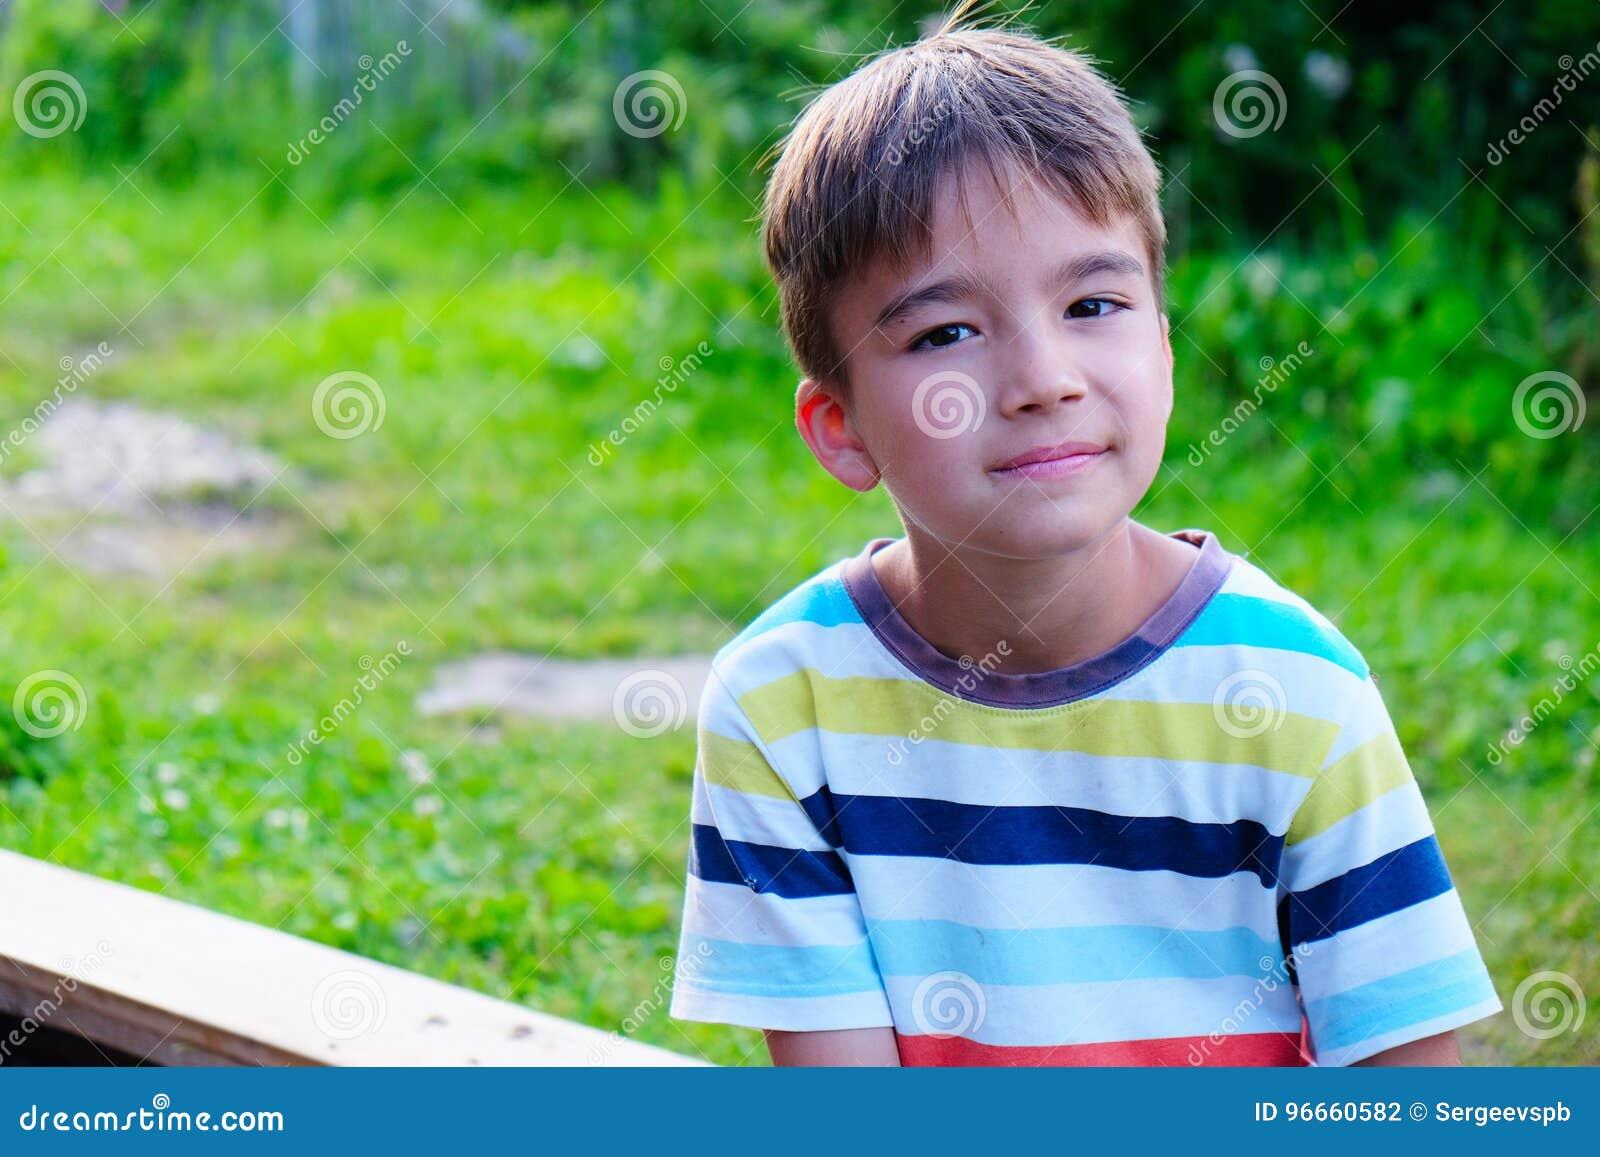 Ritratto di un ragazzo di sette anni